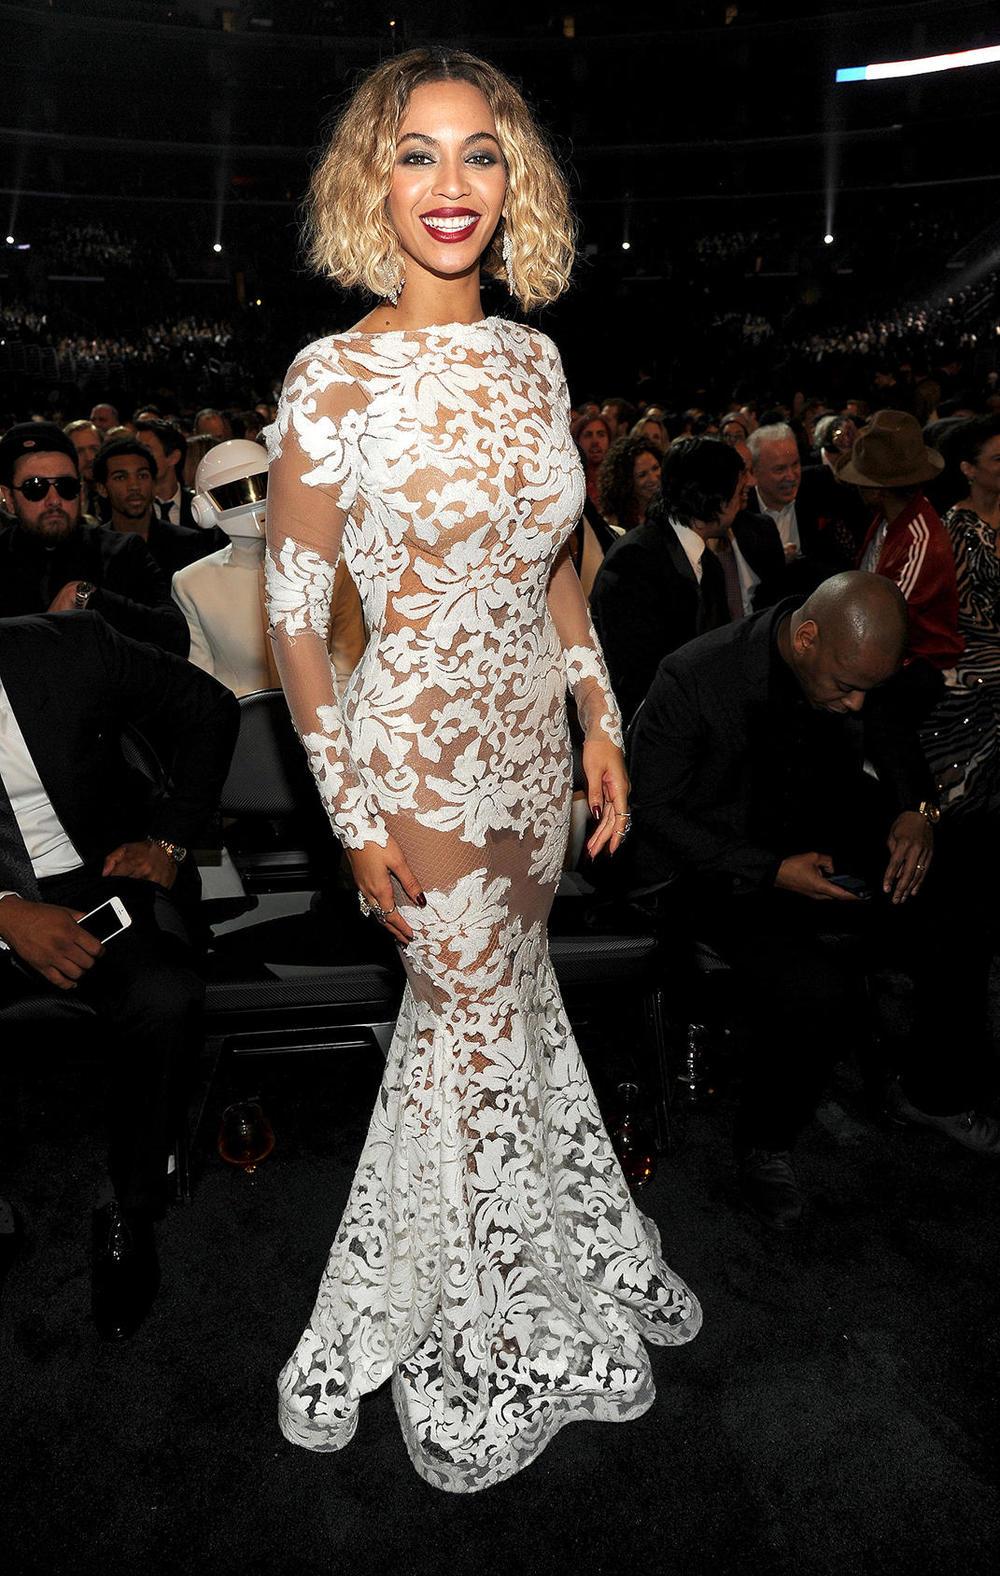 BEST DRESSED: Beyonce